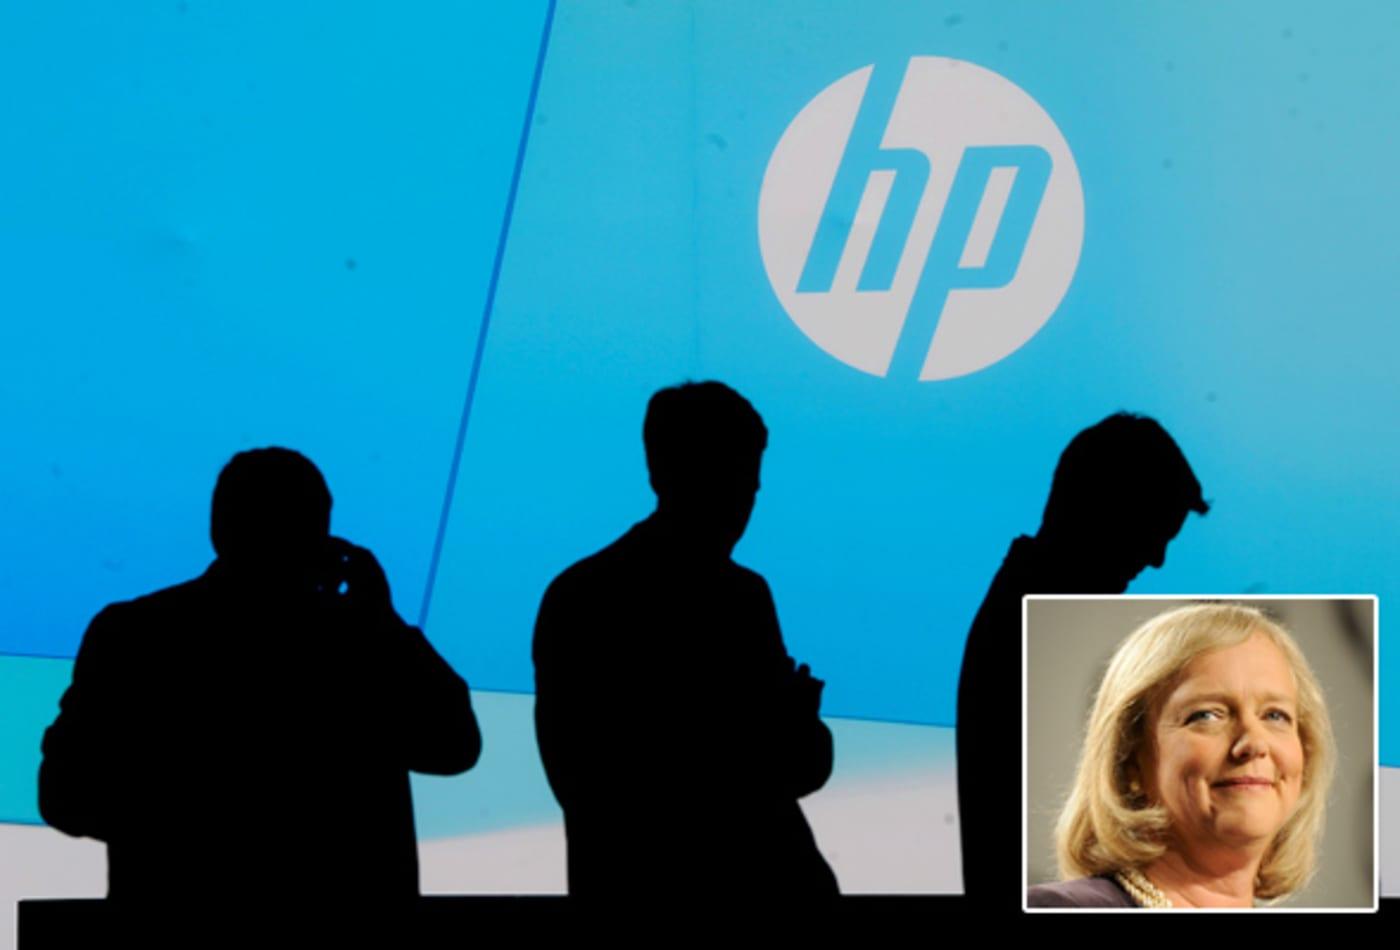 DO NOT USE Hewlett-Packard-Biggest-Companies-Run-By-Women-CNBC.jpg